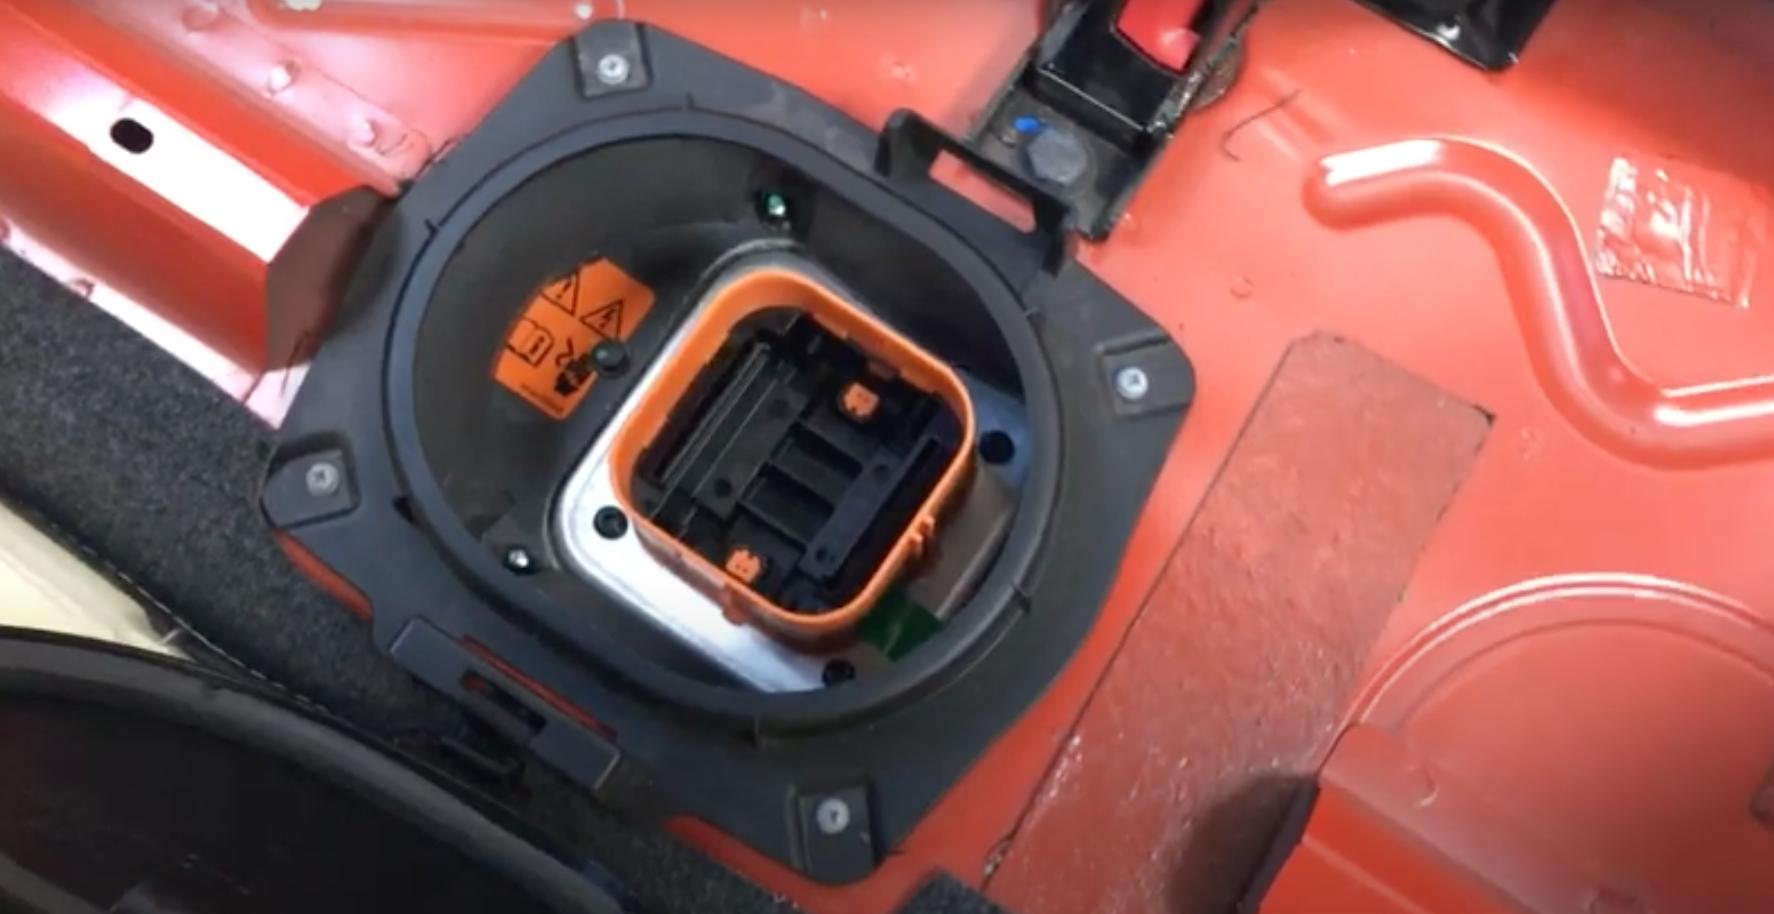 Senzor vlhkosti a mokré koberce v Fiat 500e